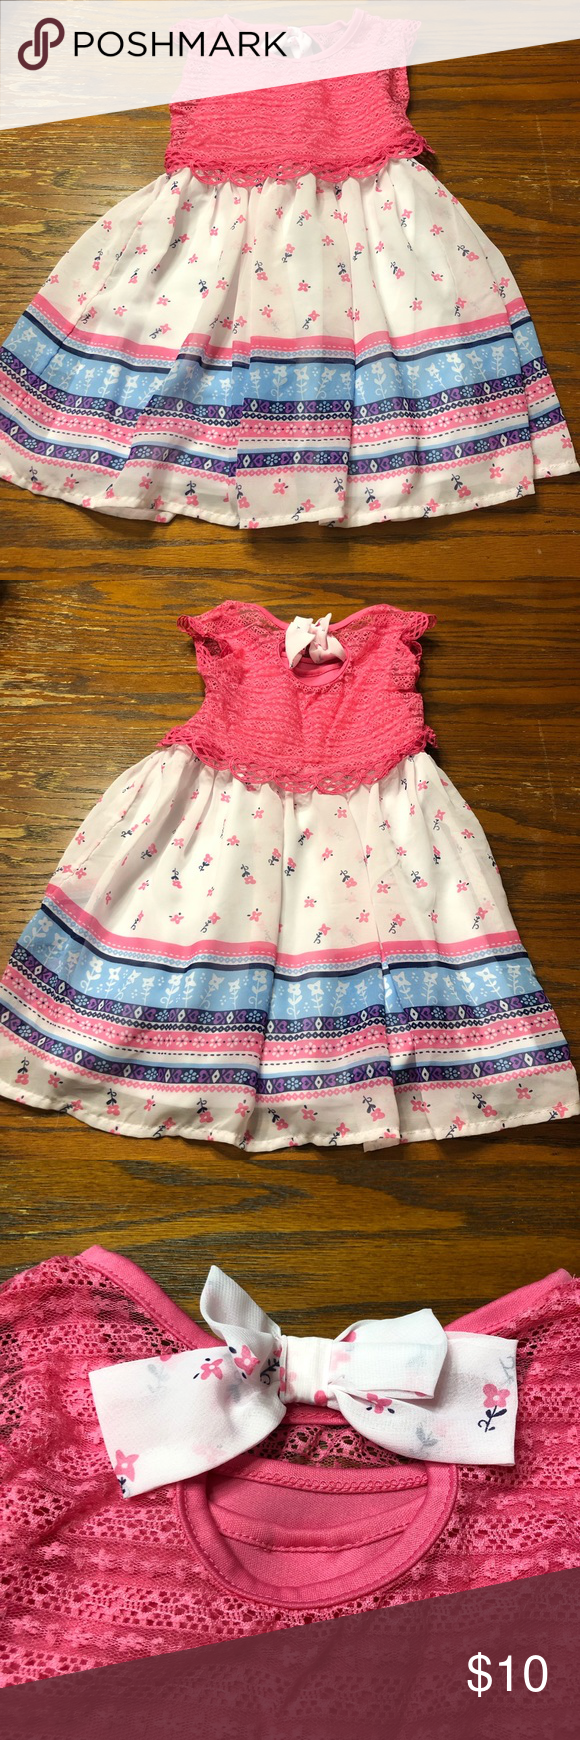 Nannette Pink White Dress Size 4t Brand Nannette Pink And White Dress With Lace Size 4t Great Condition B63 Na Pink And White Dress Dresses Clothes Design [ 1740 x 580 Pixel ]